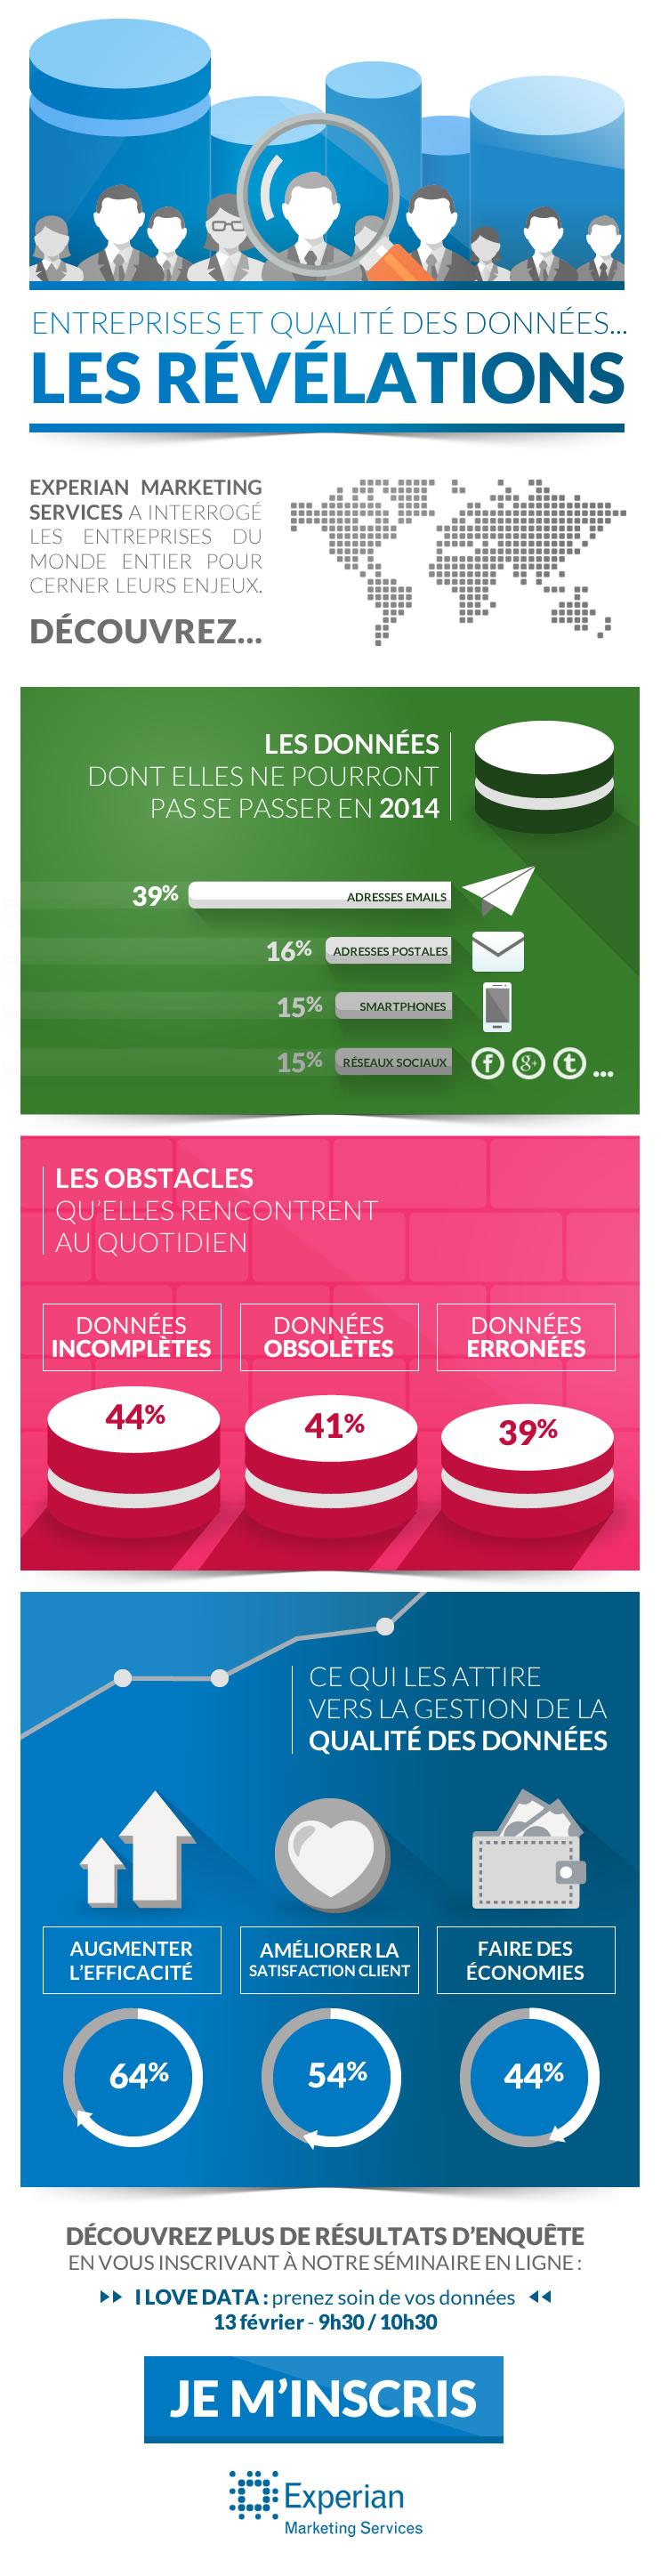 Infographie qualité des données 2014